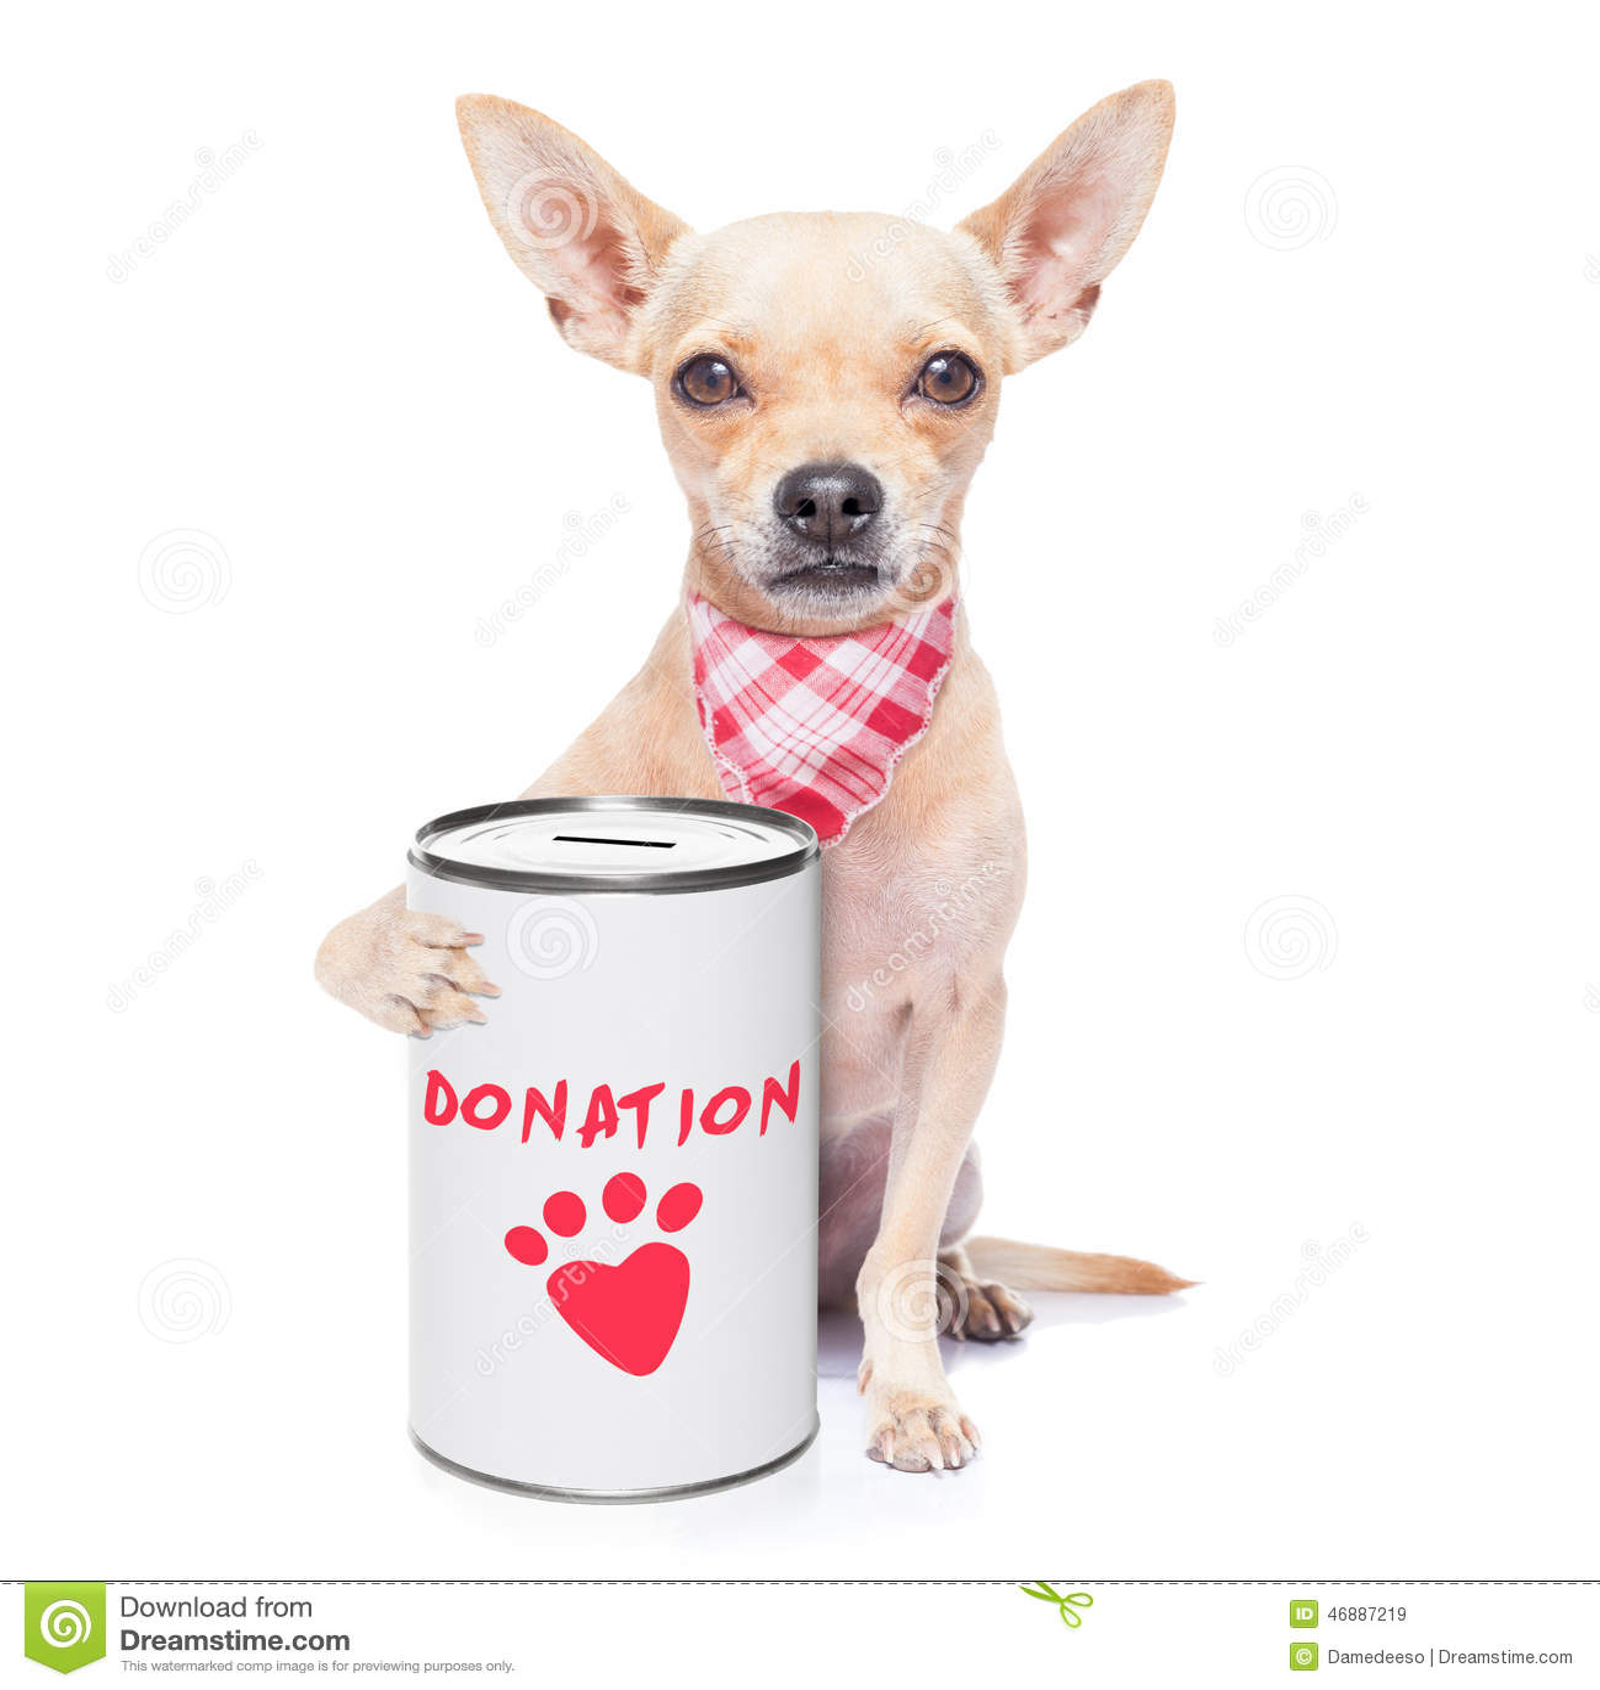 donation dog stock photo   image 46887219